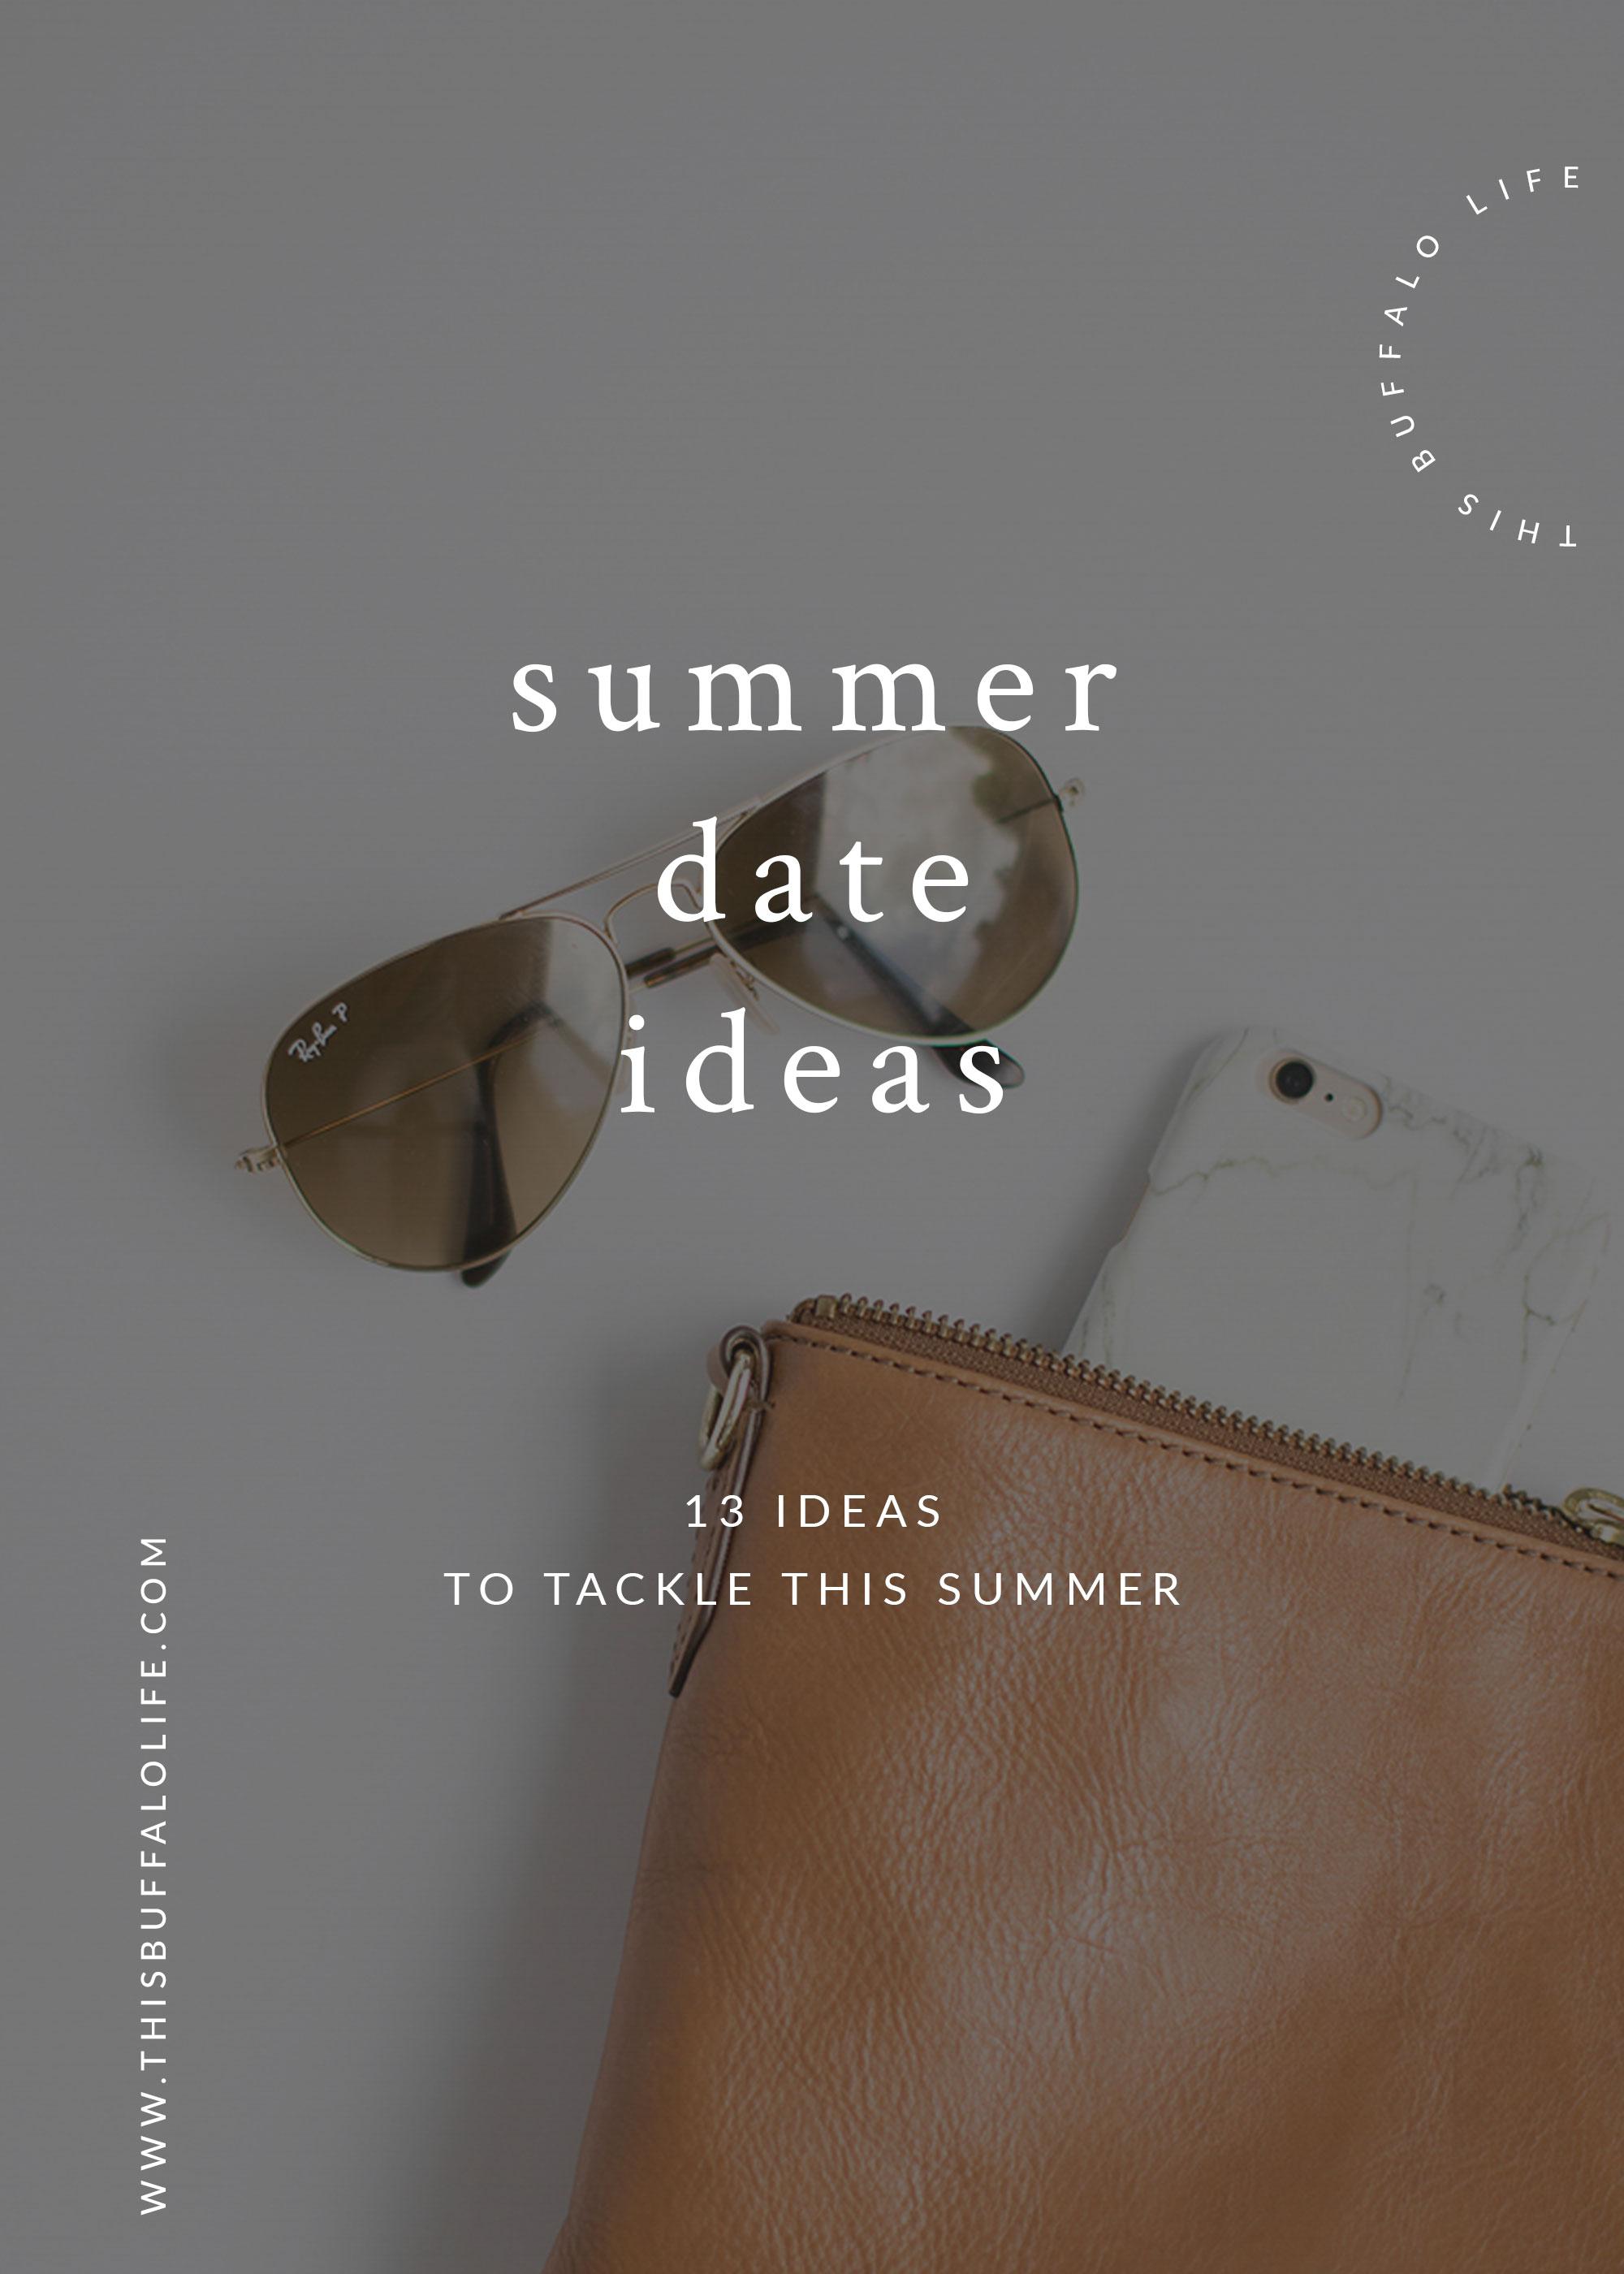 summerdates2.jpg